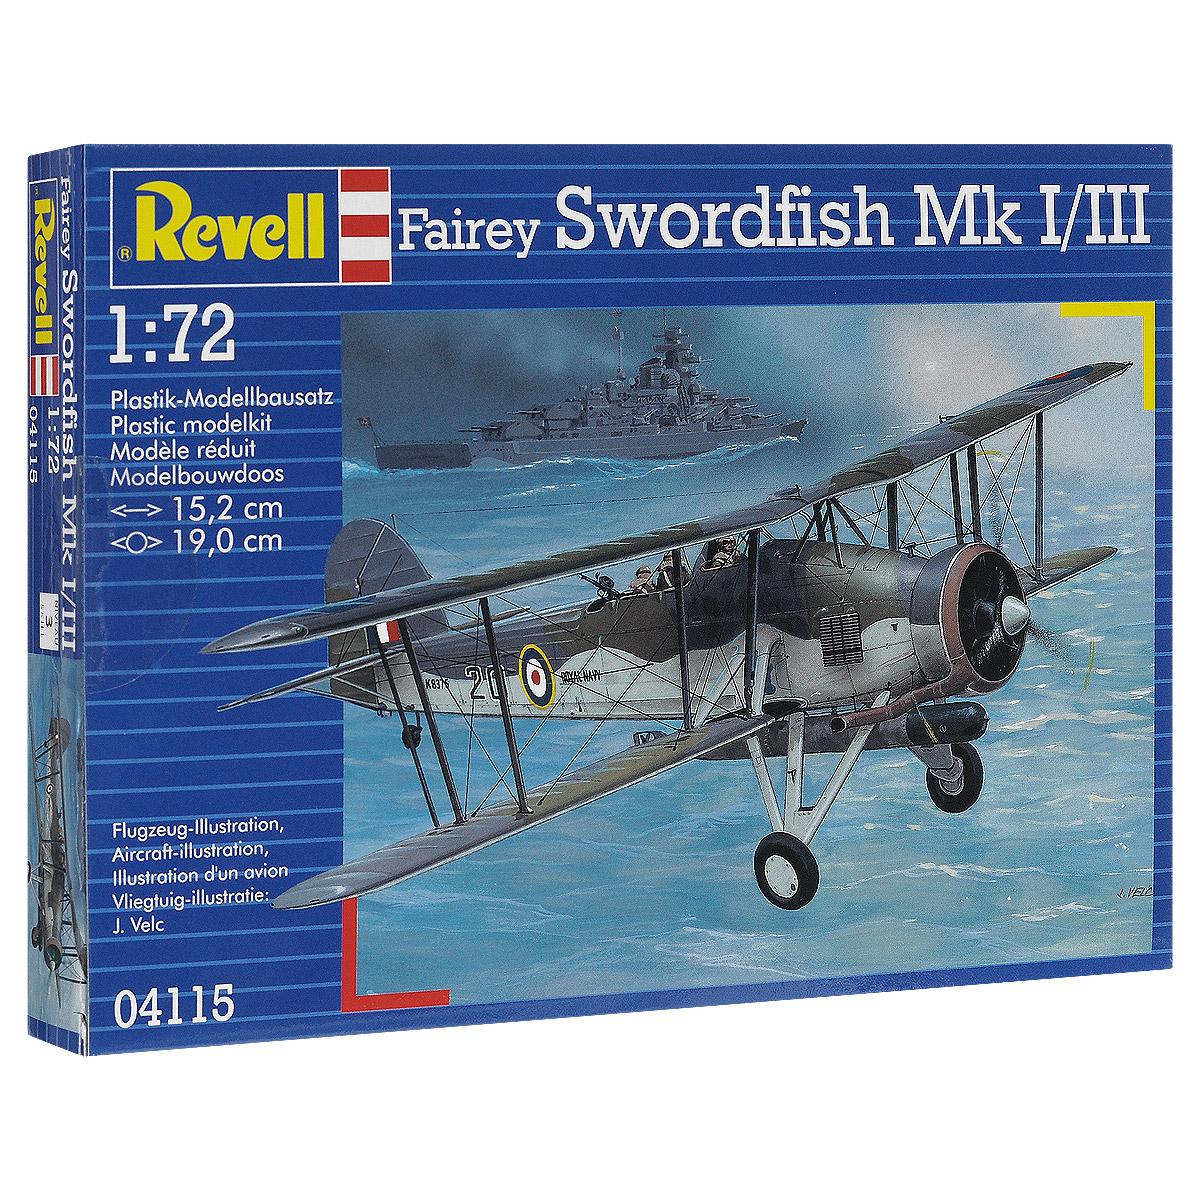 Сборная модель Revell Самолет Fairey Swordfish Mk I/III04115Сборная модель Revell Самолет Fairey Swordfish Mk I/III поможет вам и вашему ребенку придумать увлекательное занятие на долгое время. Набор включает в себя 68 пластиковых элементов, из которых можно собрать достоверную уменьшенную копию одноименного самолета. К началу Второй мировой самолет морально устарел, тем не менее активно использовался вплоть до завершения войны. Самолеты этого типа совершили первую торпедную атаку во время войны. 11 апреля 1940 года звено Swordfish атаковало немецкие эсминцы в гавани норвежского Тронтхейма. Еще через два дня торпедоносцы добились своей первой победы, потопив подлодку U-64. Поучаствовали эти самолеты и в потоплении линкора Бисмарк. Swordfish обнаружили немецкий корабль и нанесли ему повреждения, которые не позволили уйти линкору от кораблей союзников. Также в наборе схематичная инструкция по сборке. Процесс сборки развивает интеллектуальные и инструментальные способности, воображение и конструктивное мышление, а также...